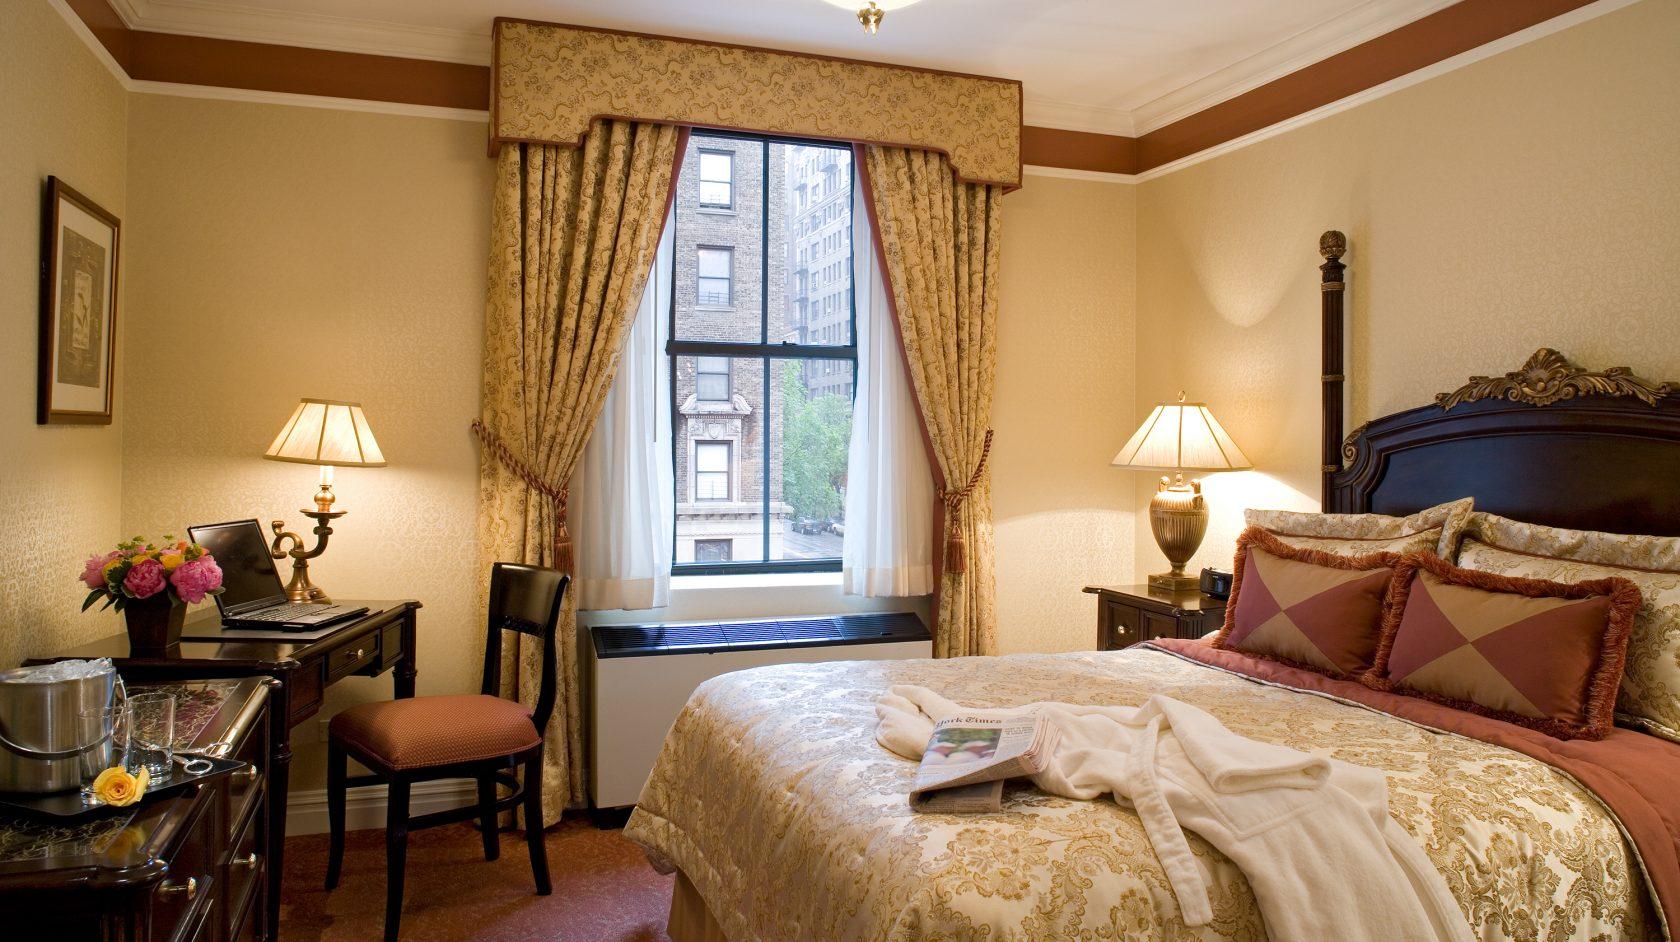 New York City Suite Hotels 2 Bedroom Upper West Side Hotels New York City Hotel The Lucerne Hotel